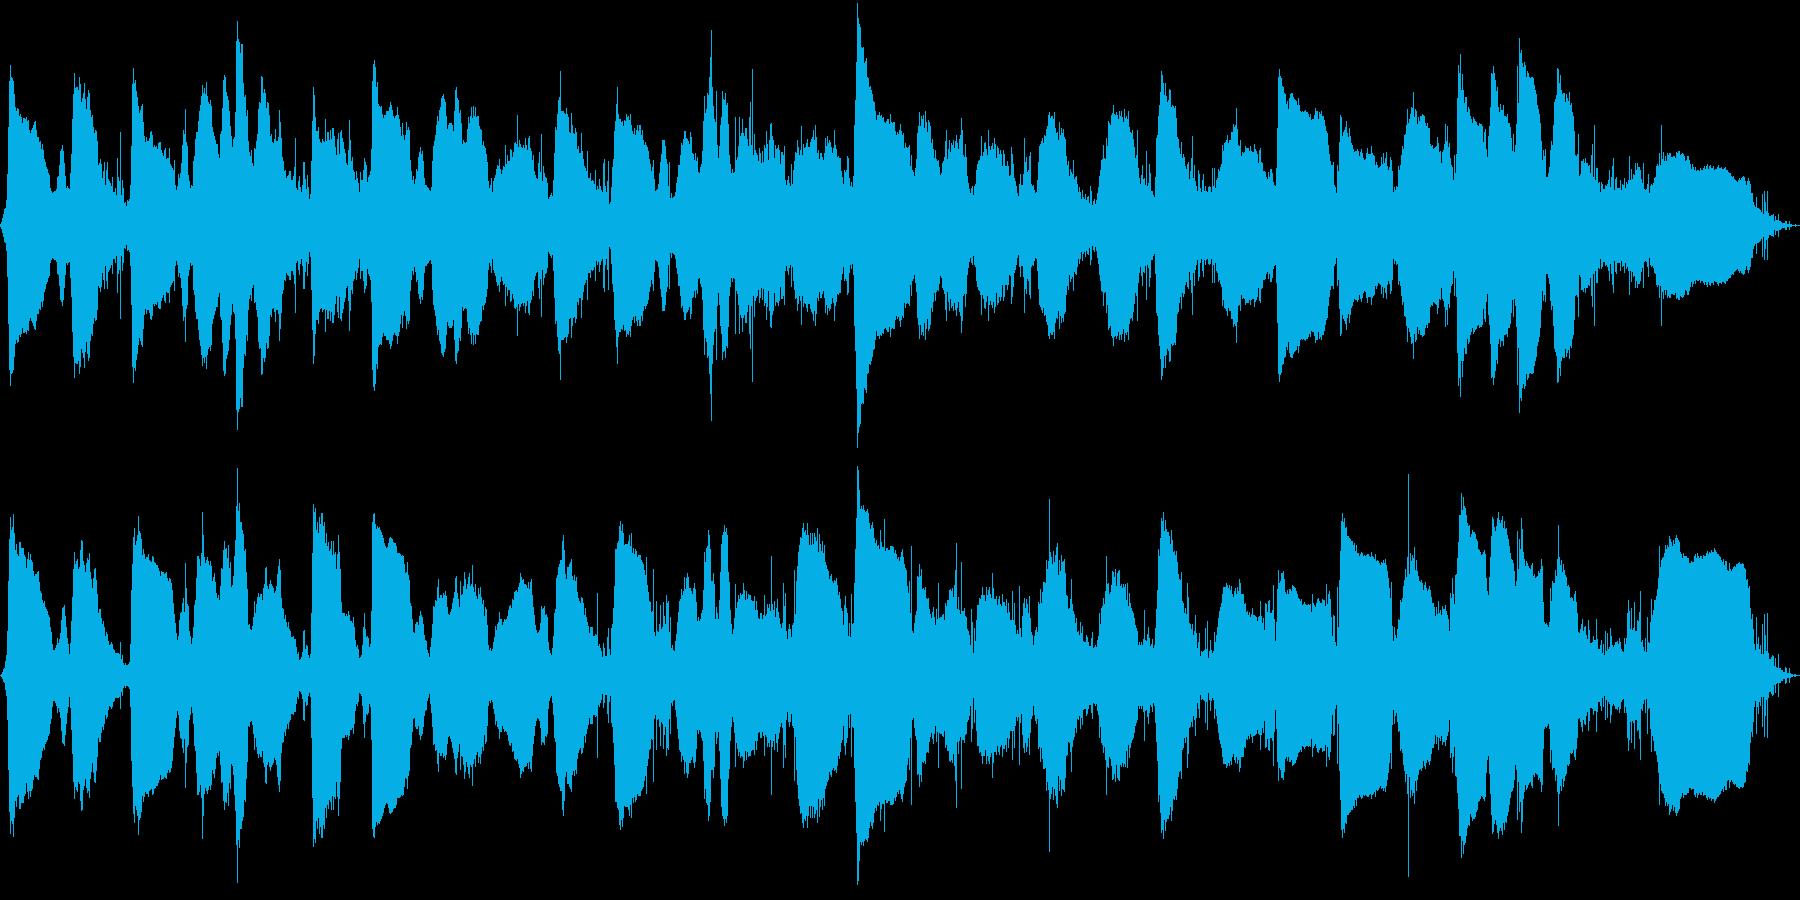 静かな波音 エレキギターバイオリン奏法 の再生済みの波形